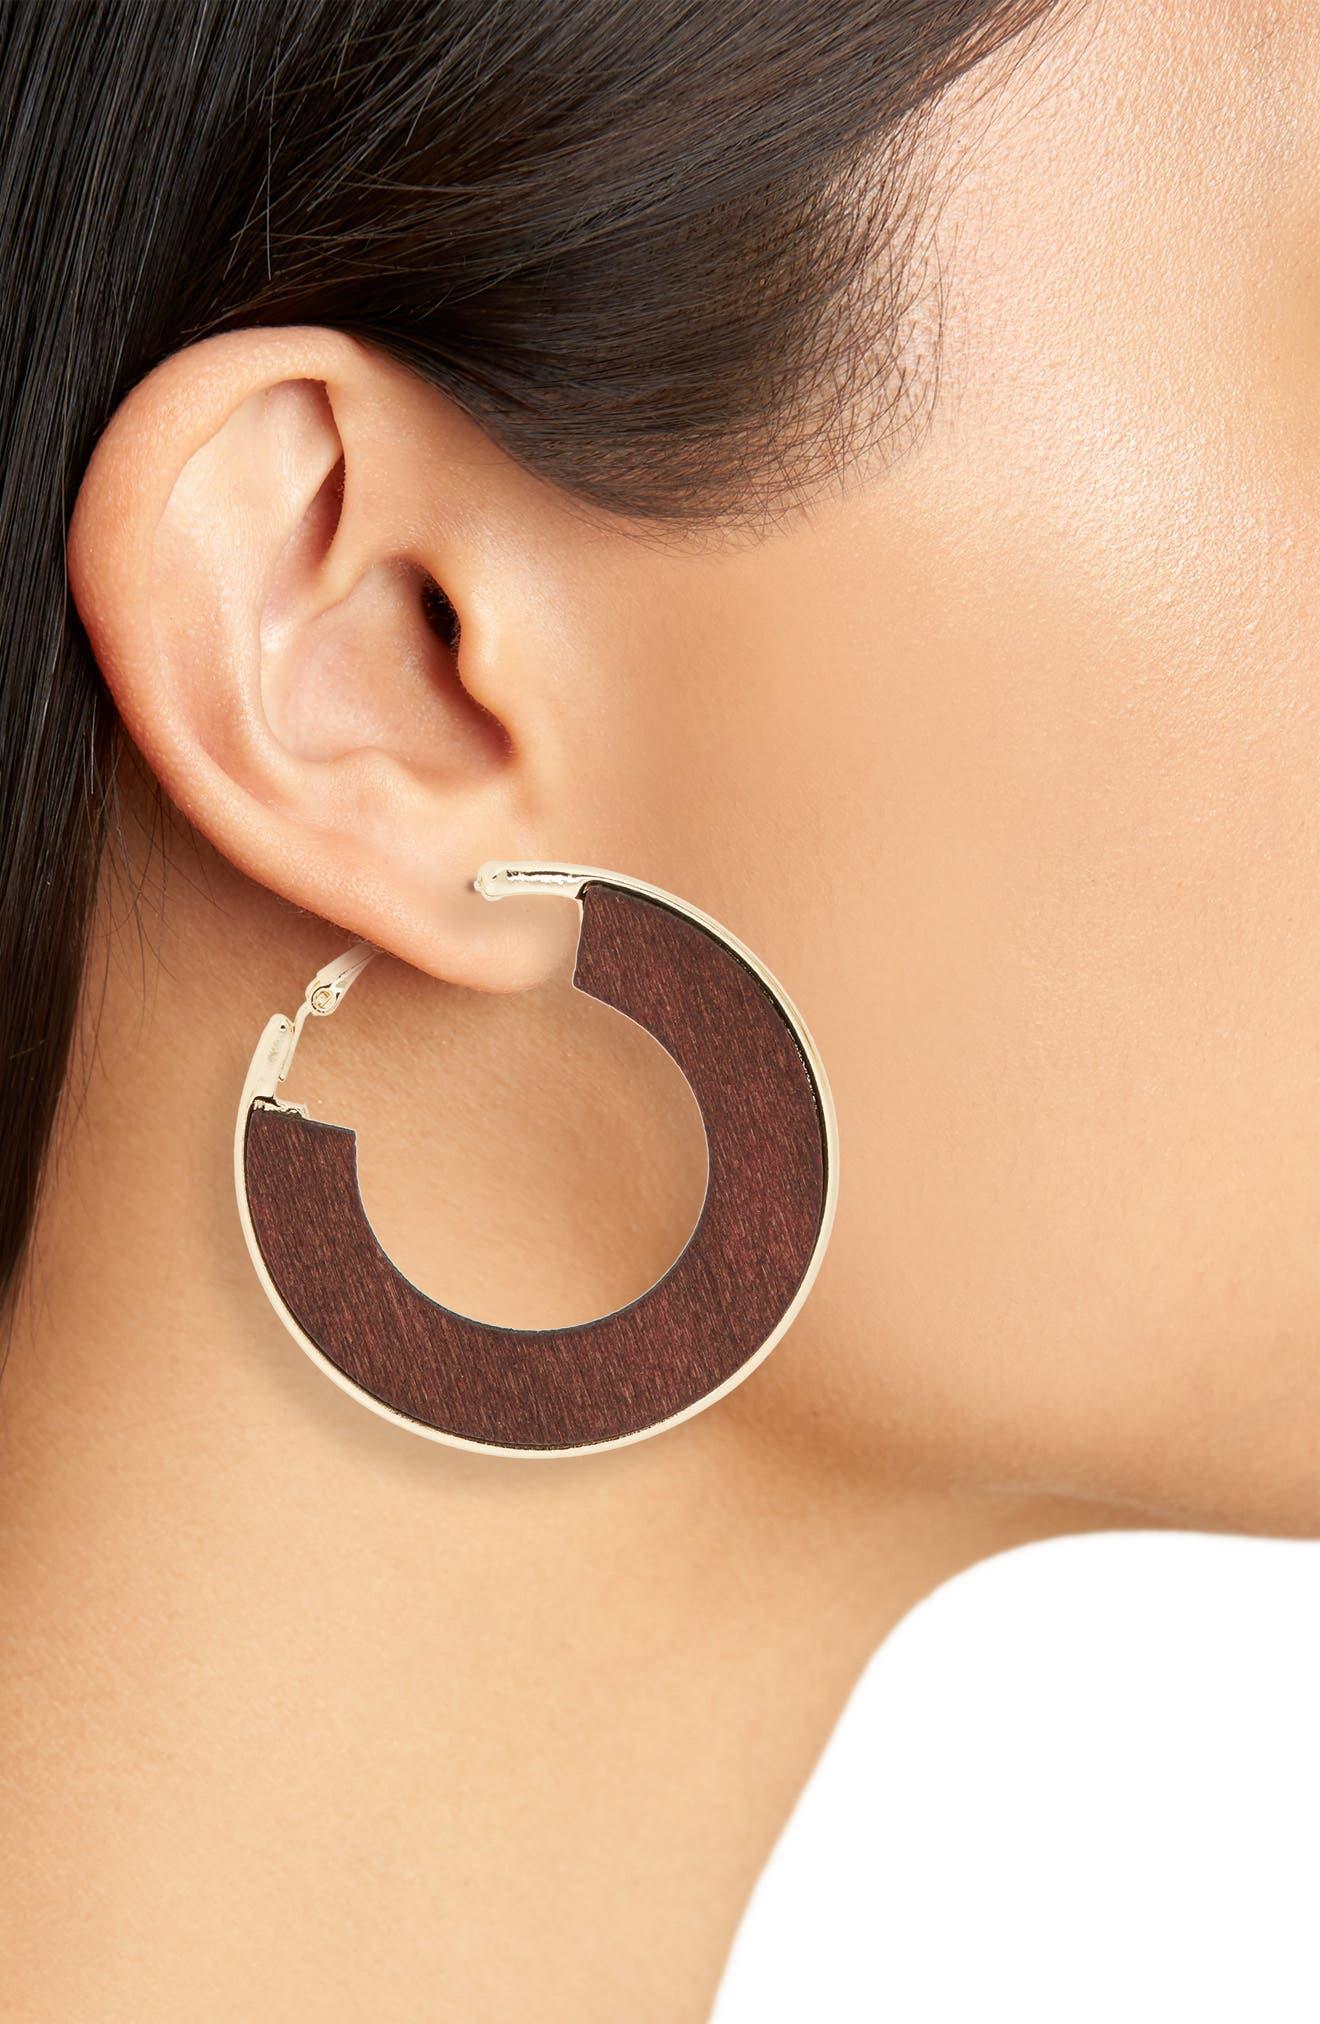 Flat Wood Hoop Earrings,                             Alternate thumbnail 2, color,                             Gold/ Brown